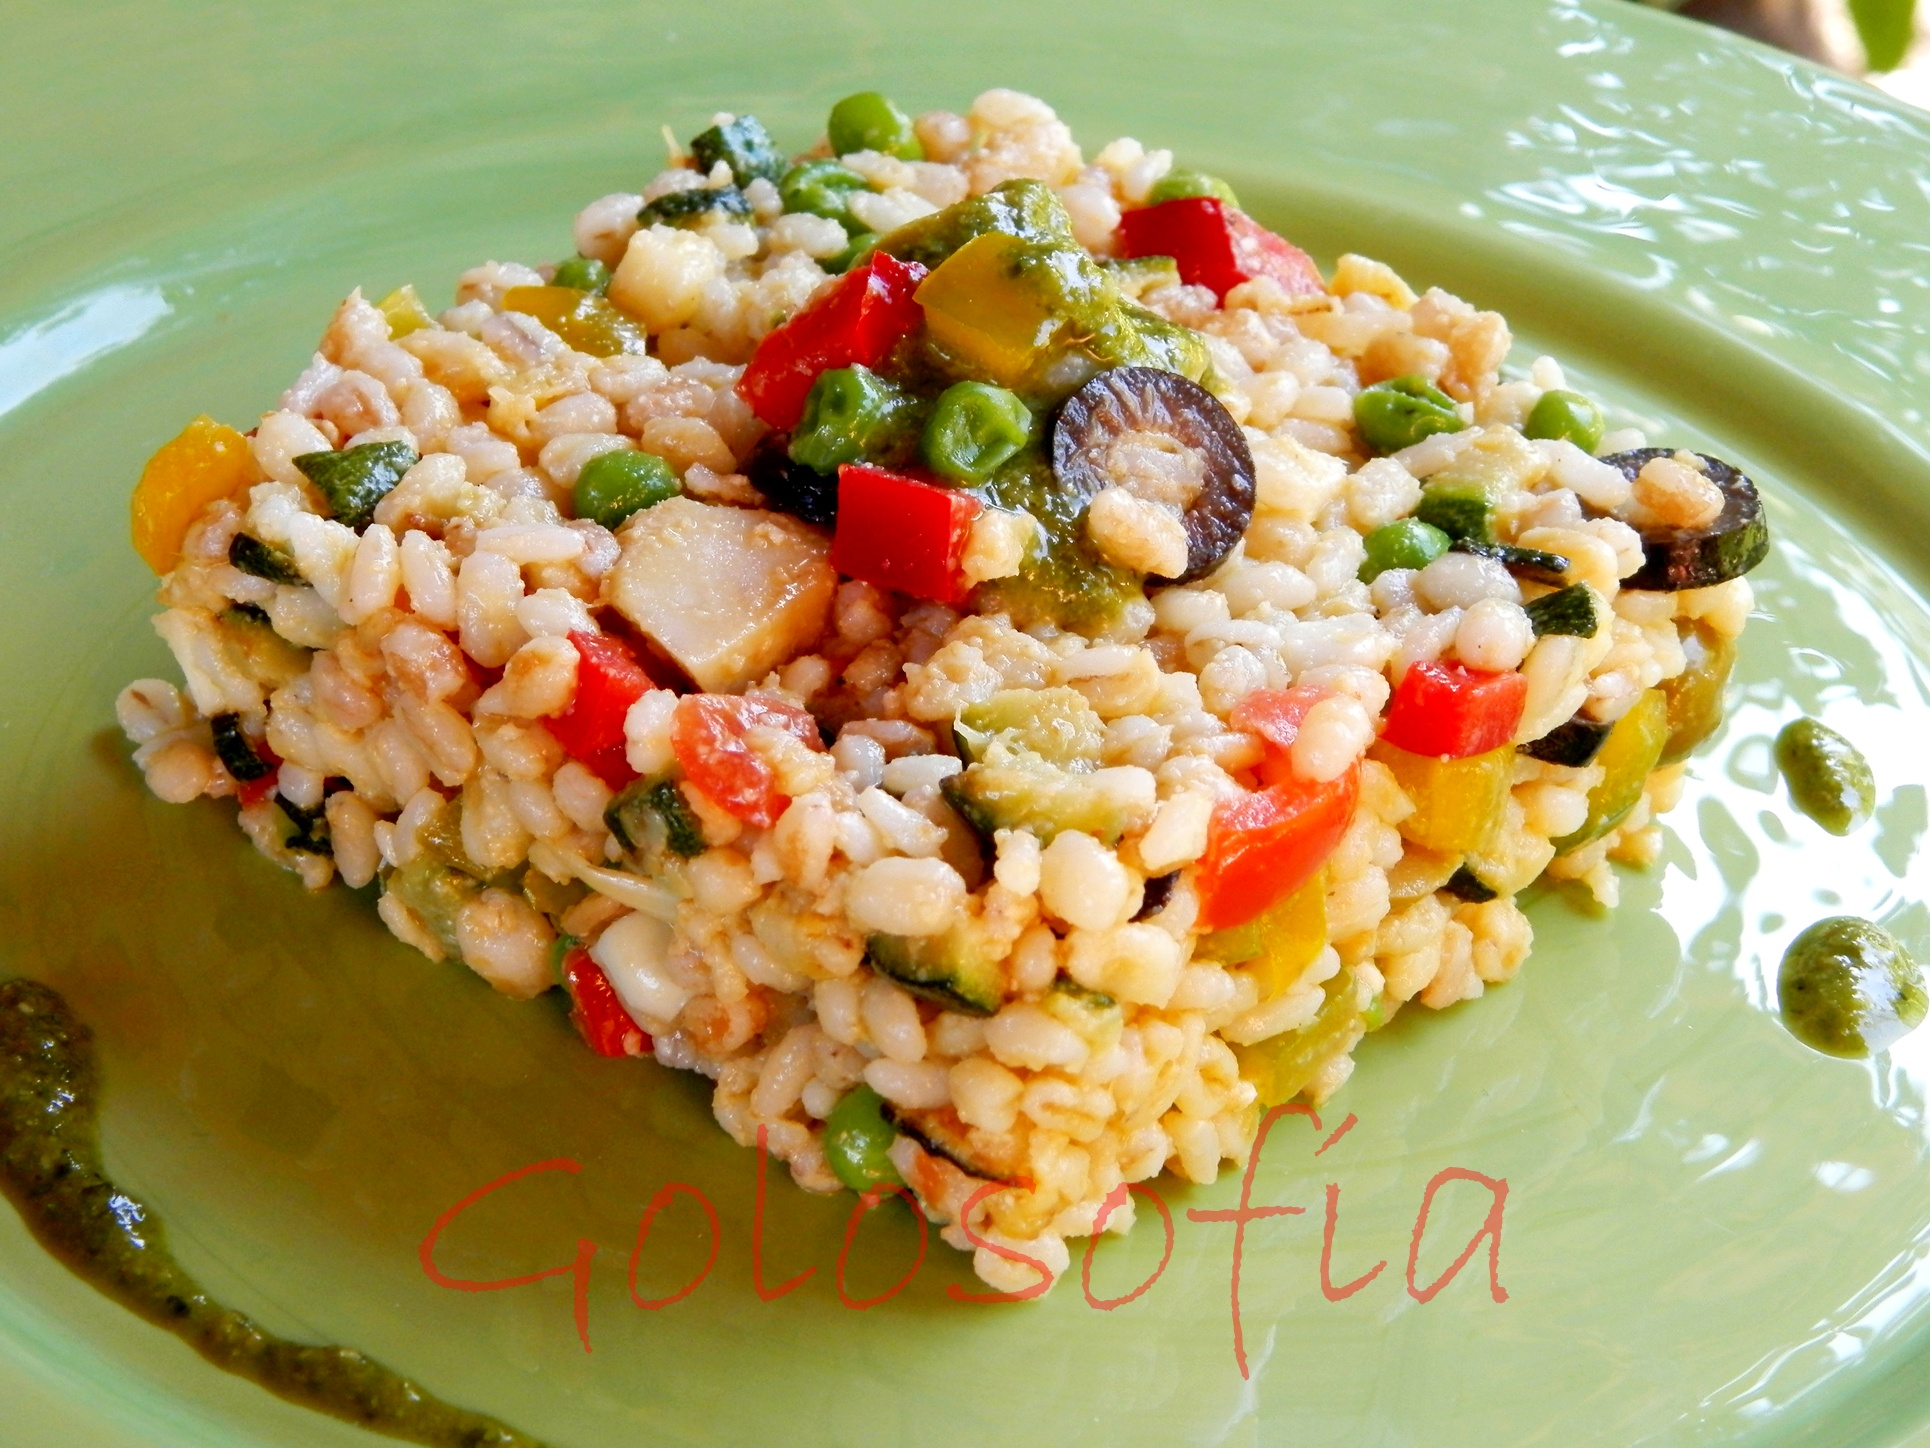 insalata ai 5 cereali ricetta primaverile gustosissima